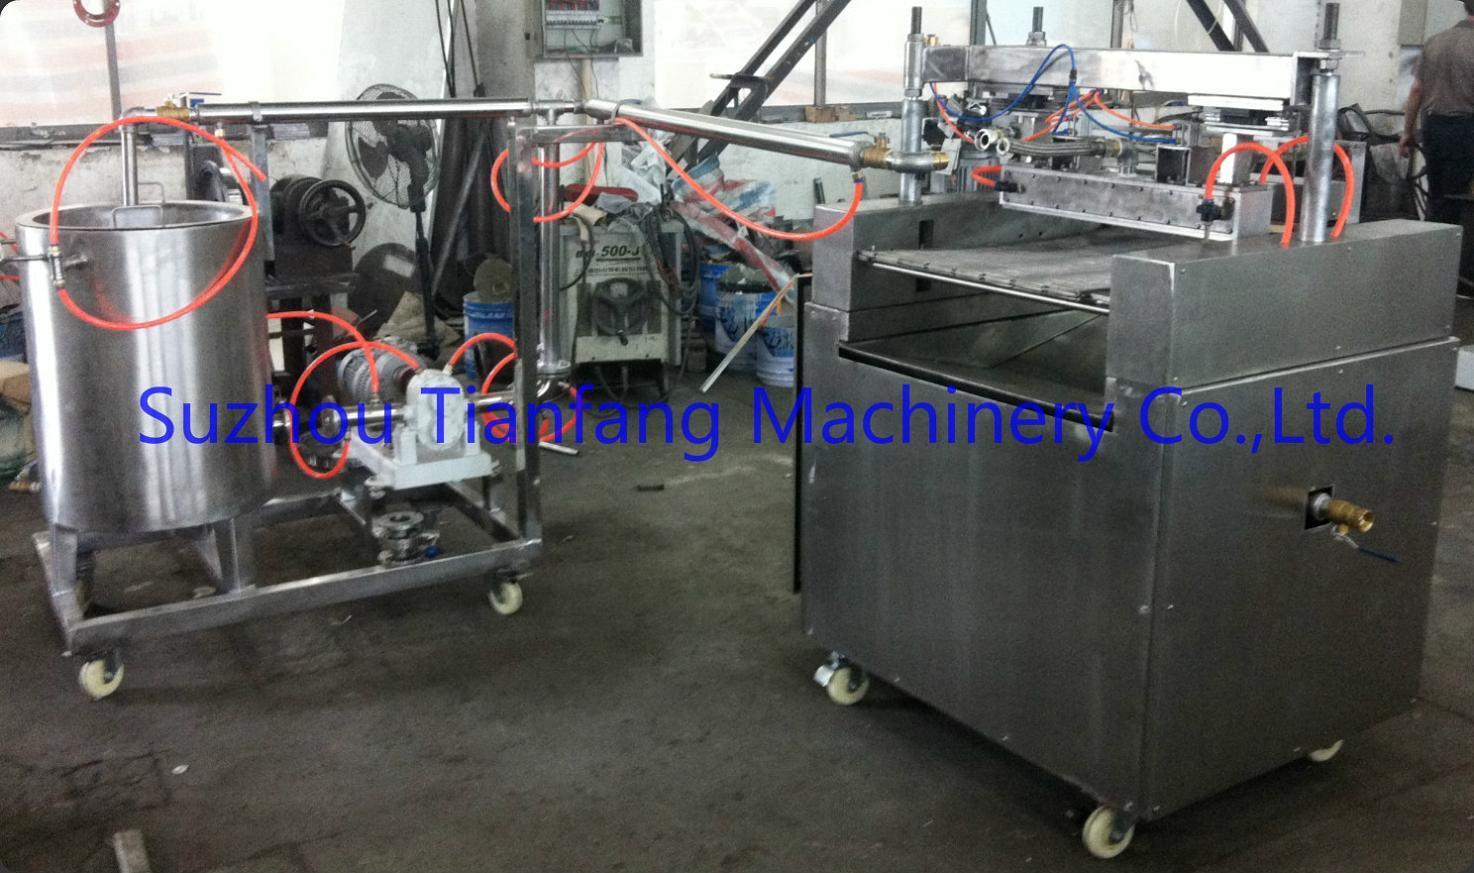 Chocolate Decorating Machine